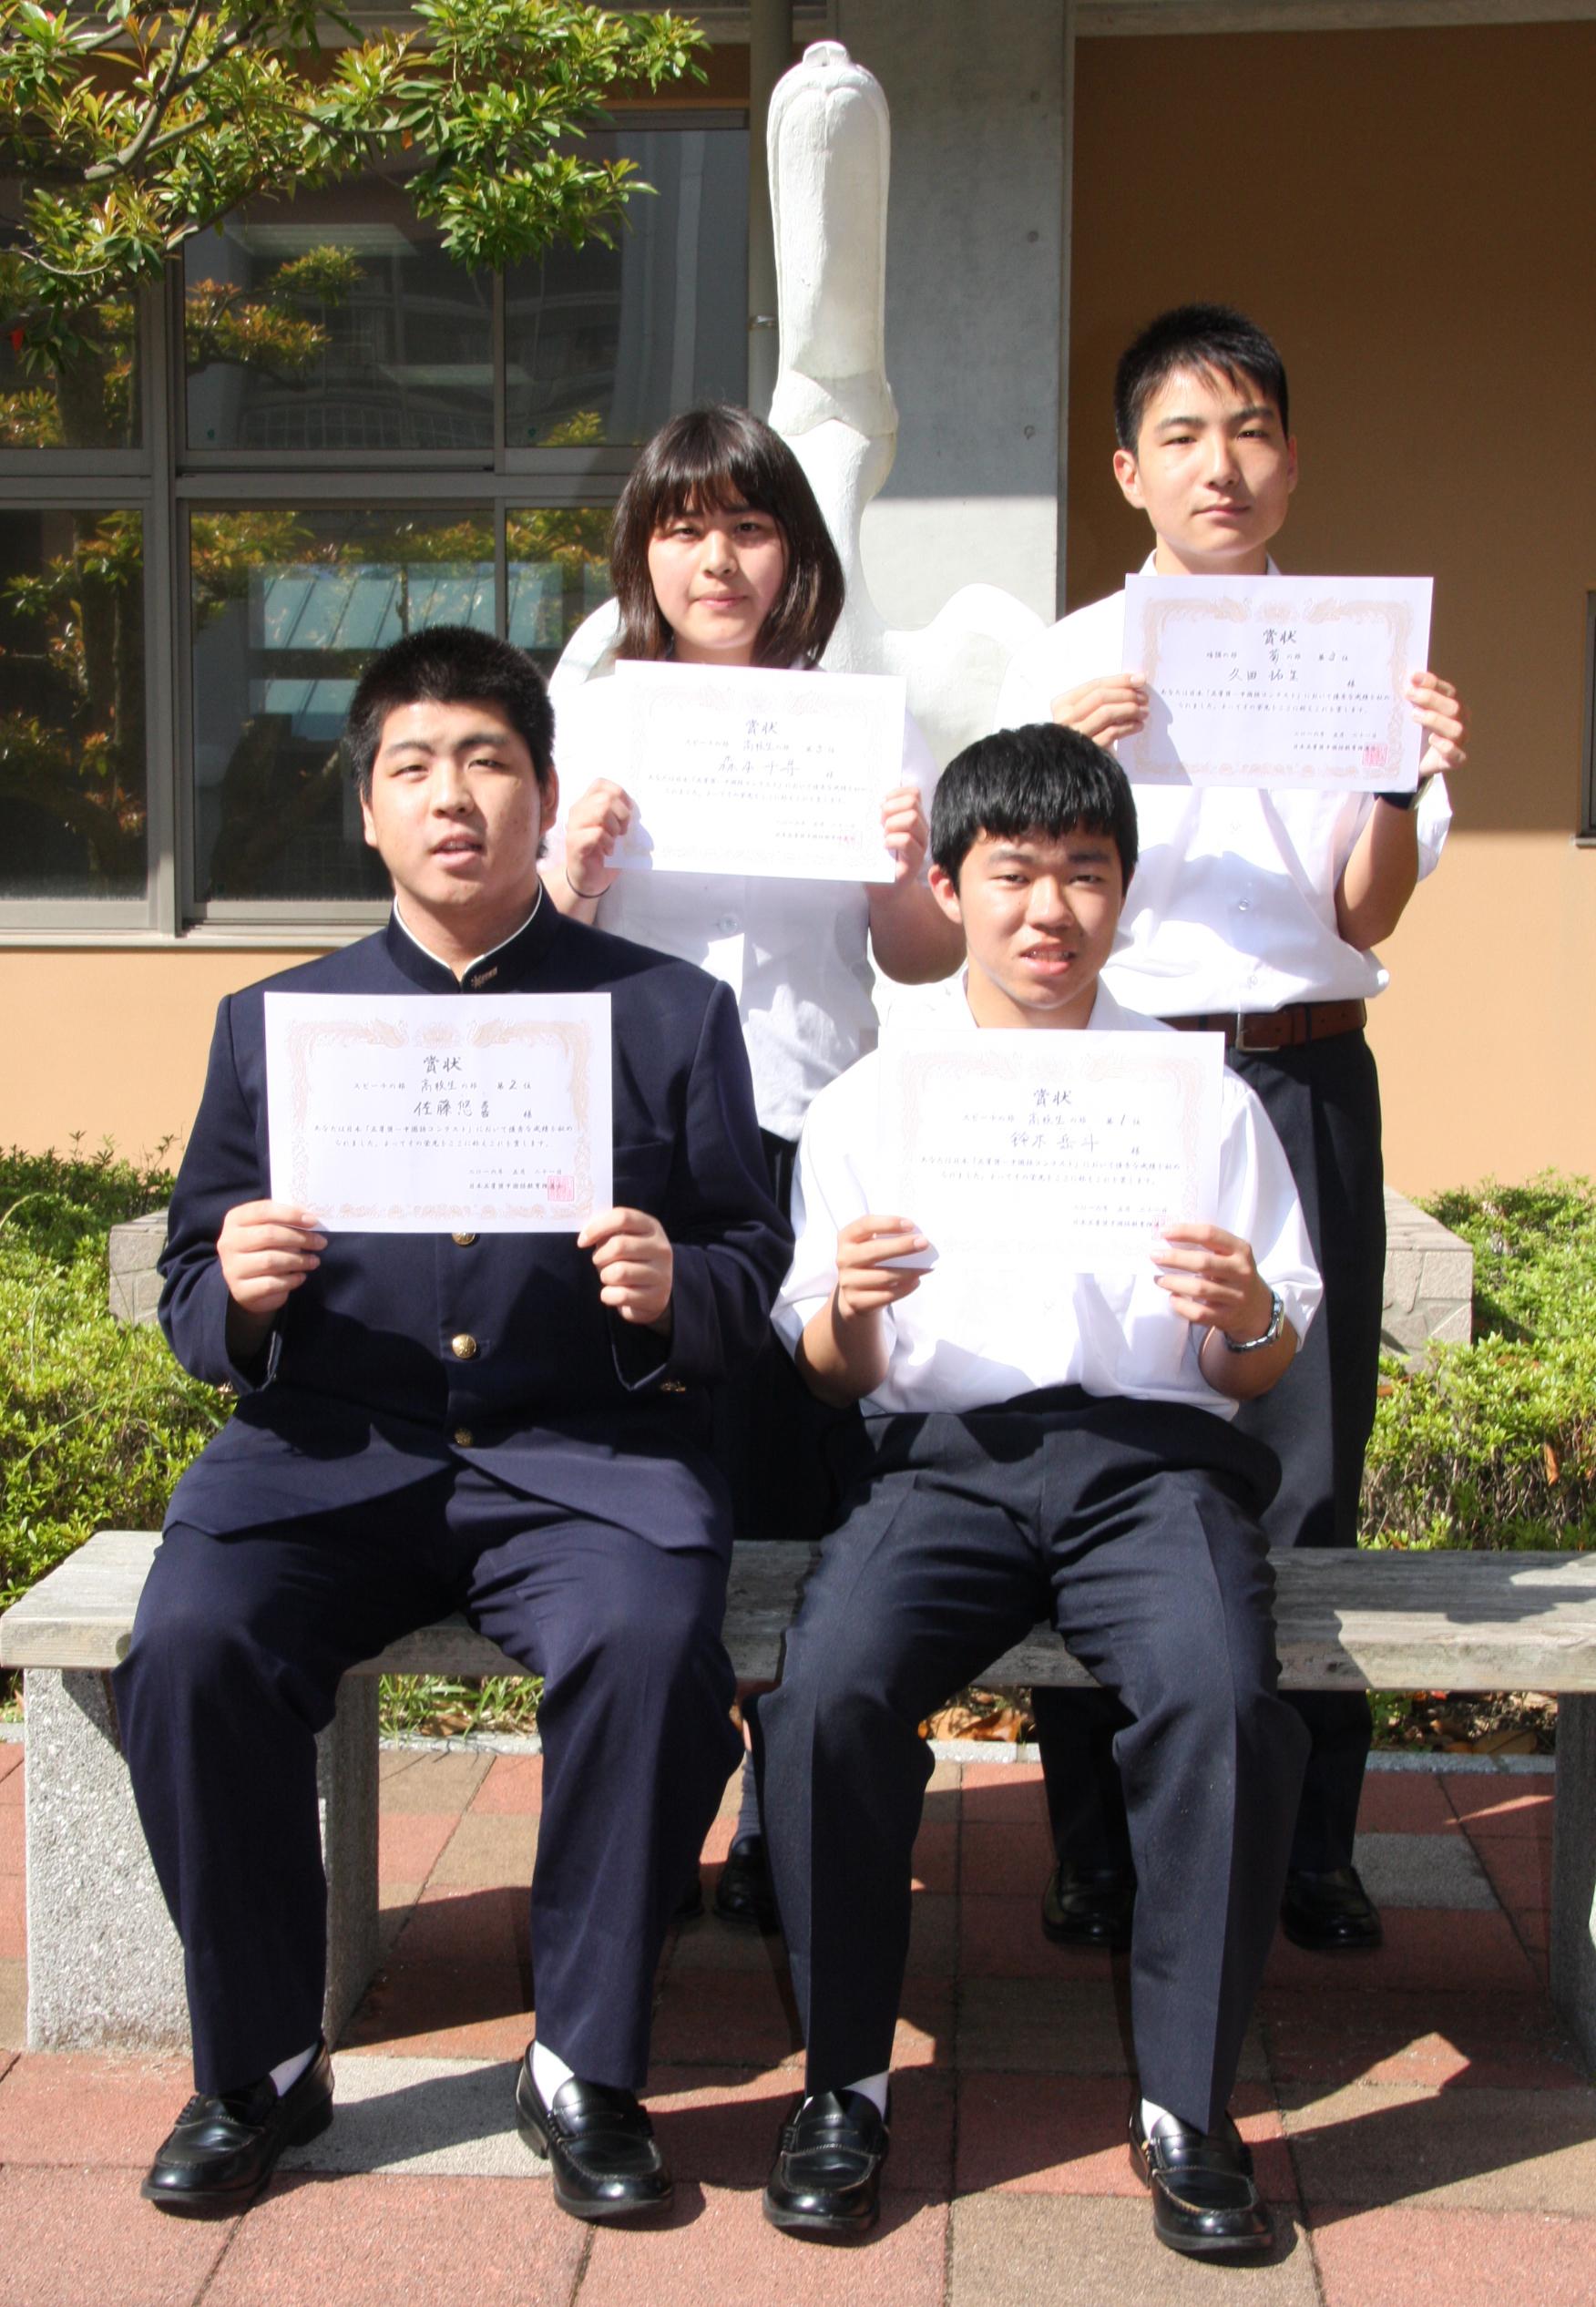 中国語(中国語コンテストで入賞した4人)